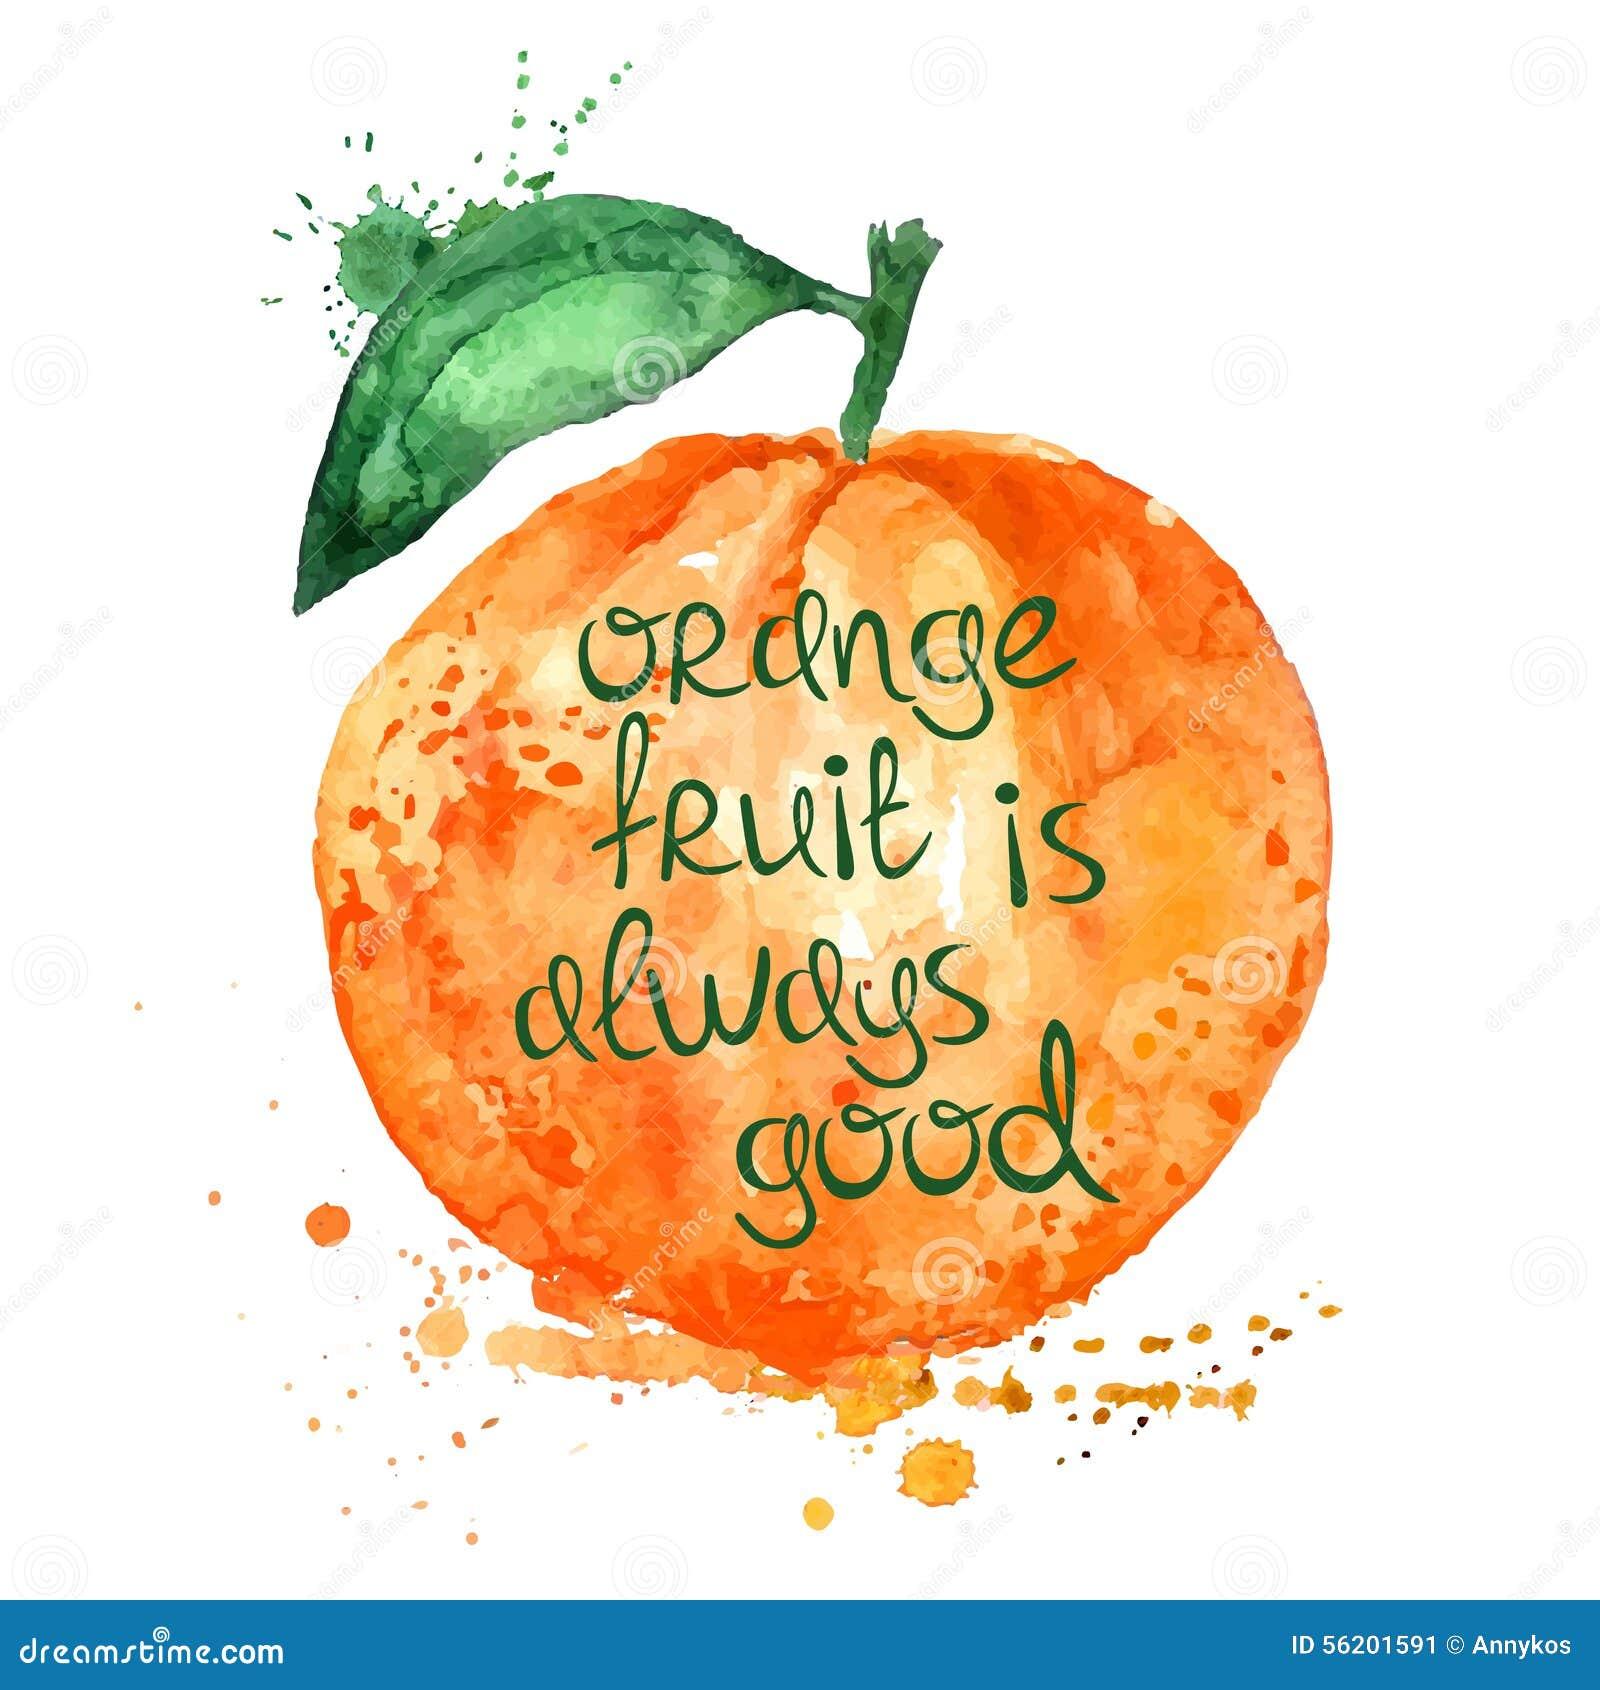 Poster design keywords - Fruit Poster Slogans Related Keywords Suggestions Fruit Poster